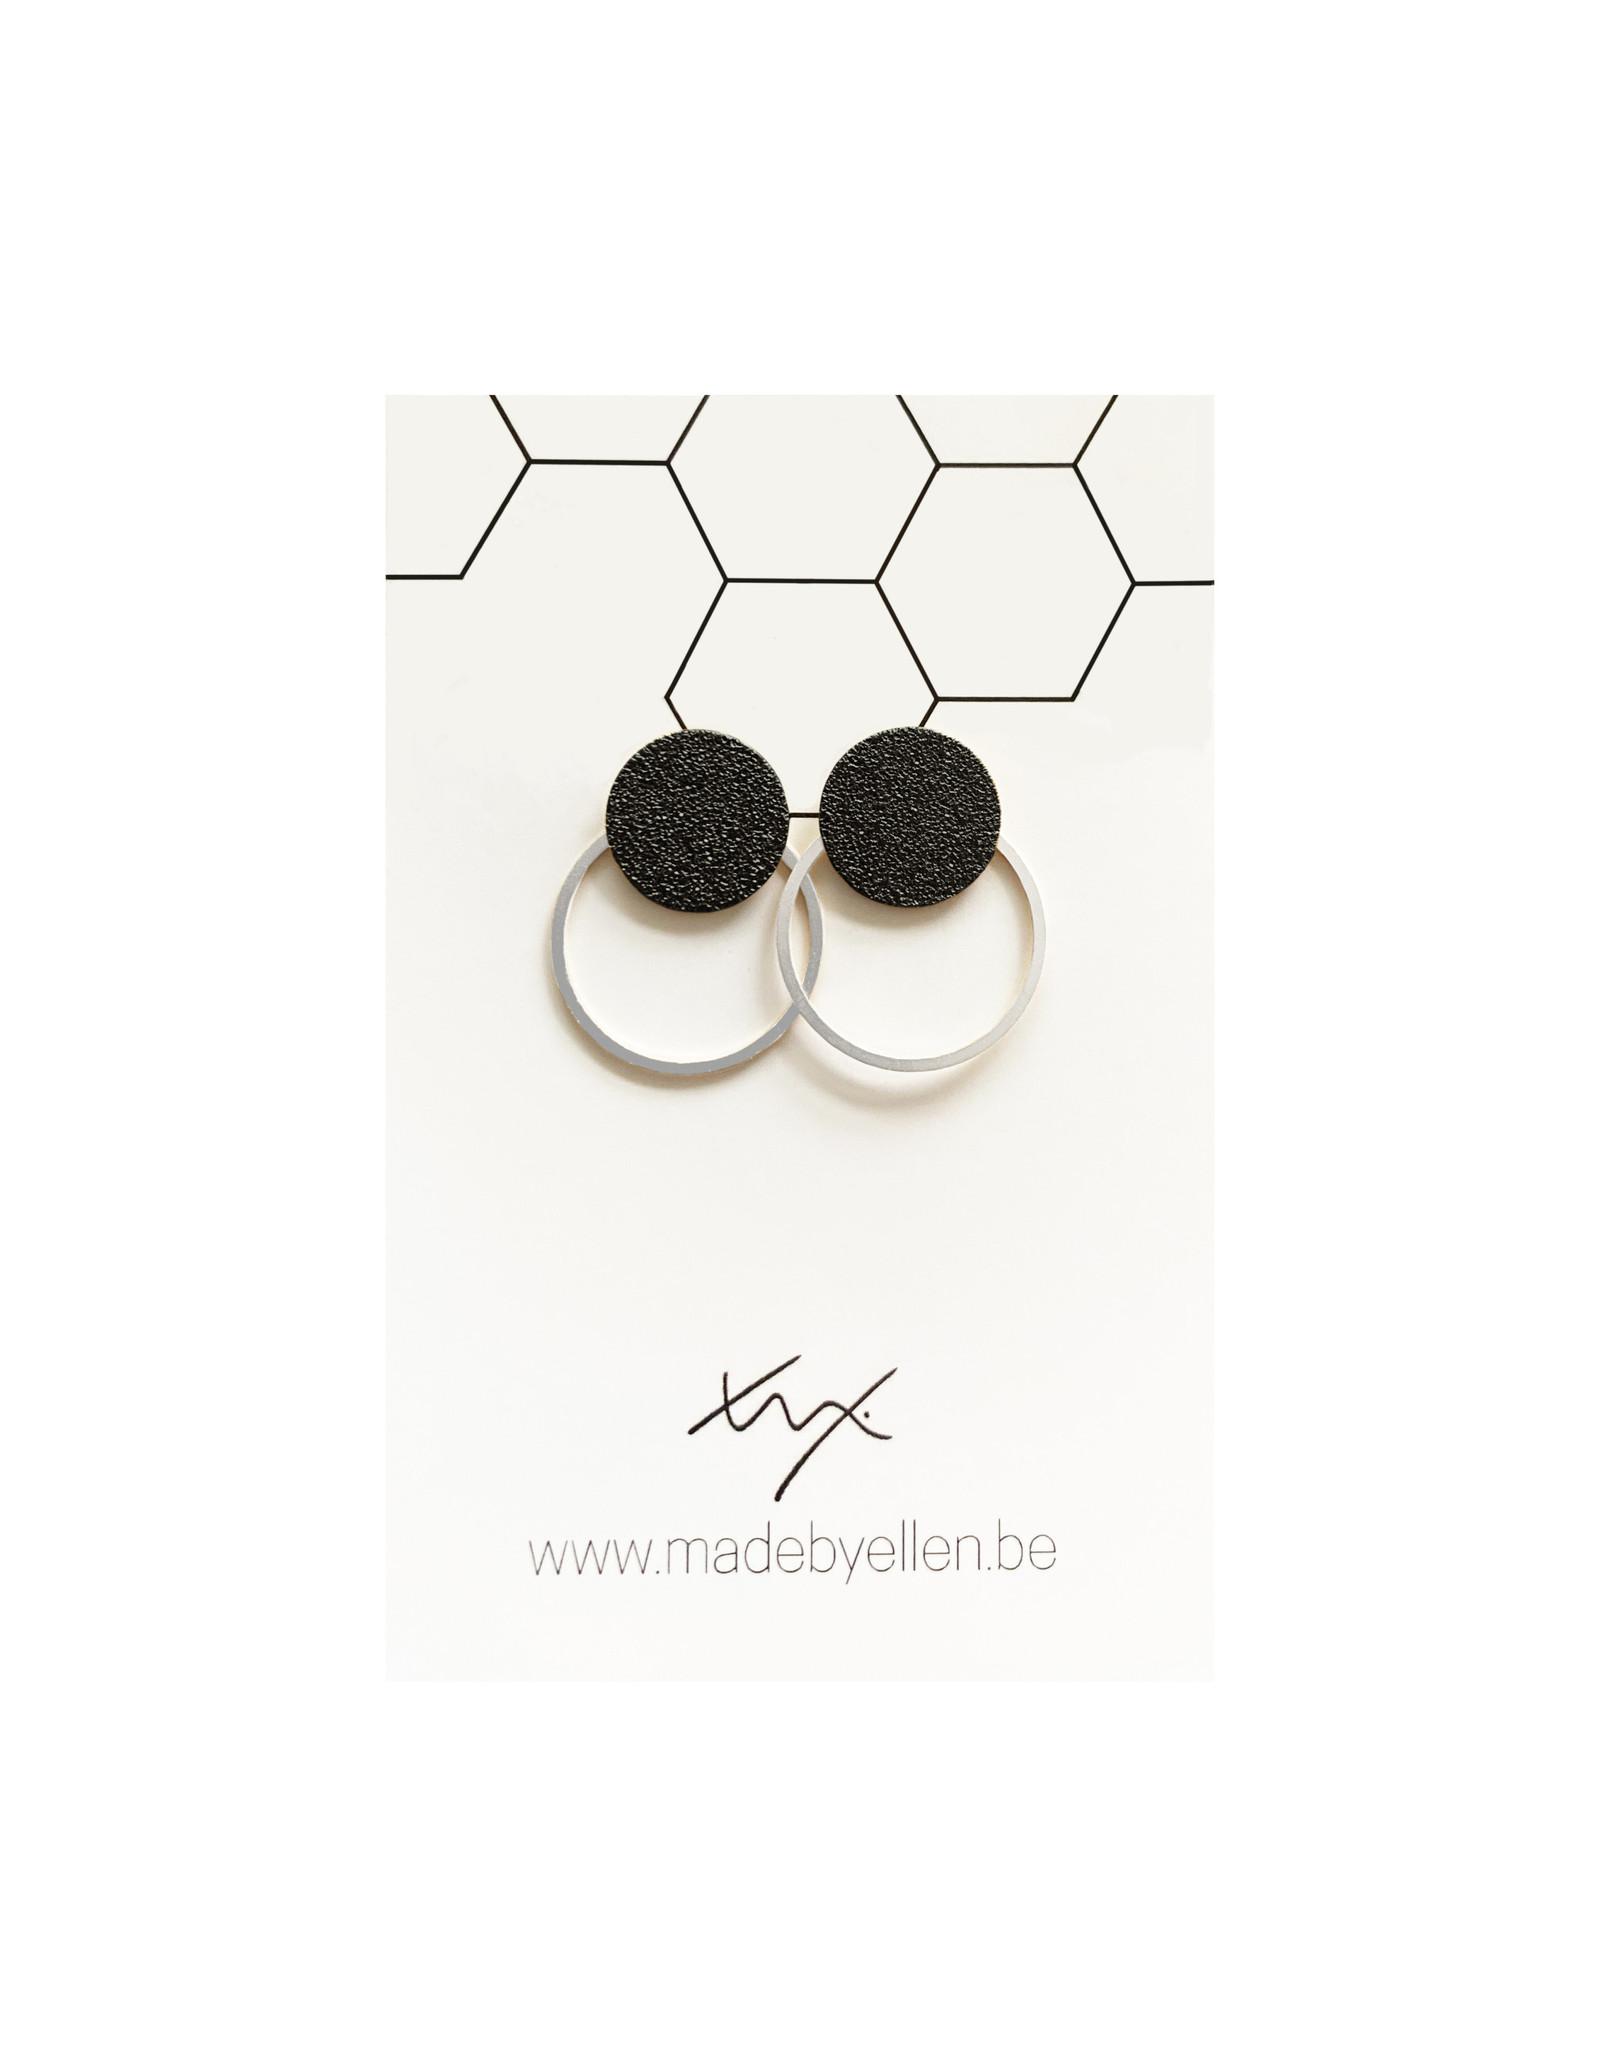 oorbEllen steker mat zwart met ring zilver